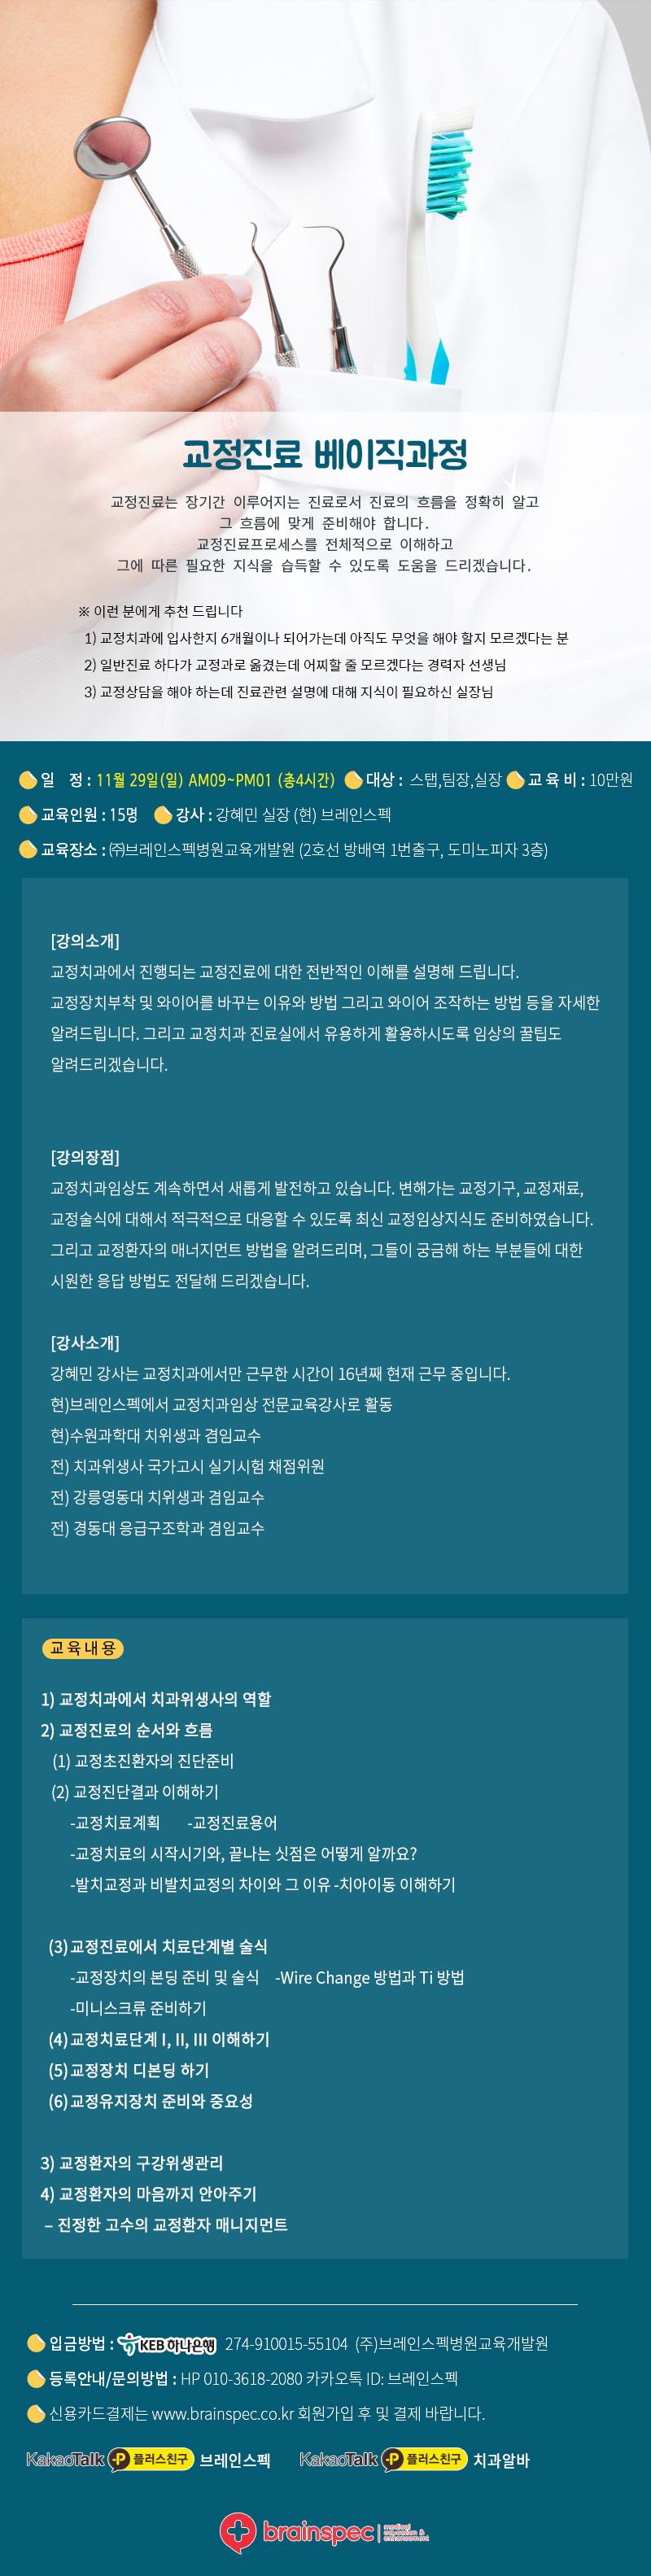 2020-11-29-교정베이직-웹용.jpg